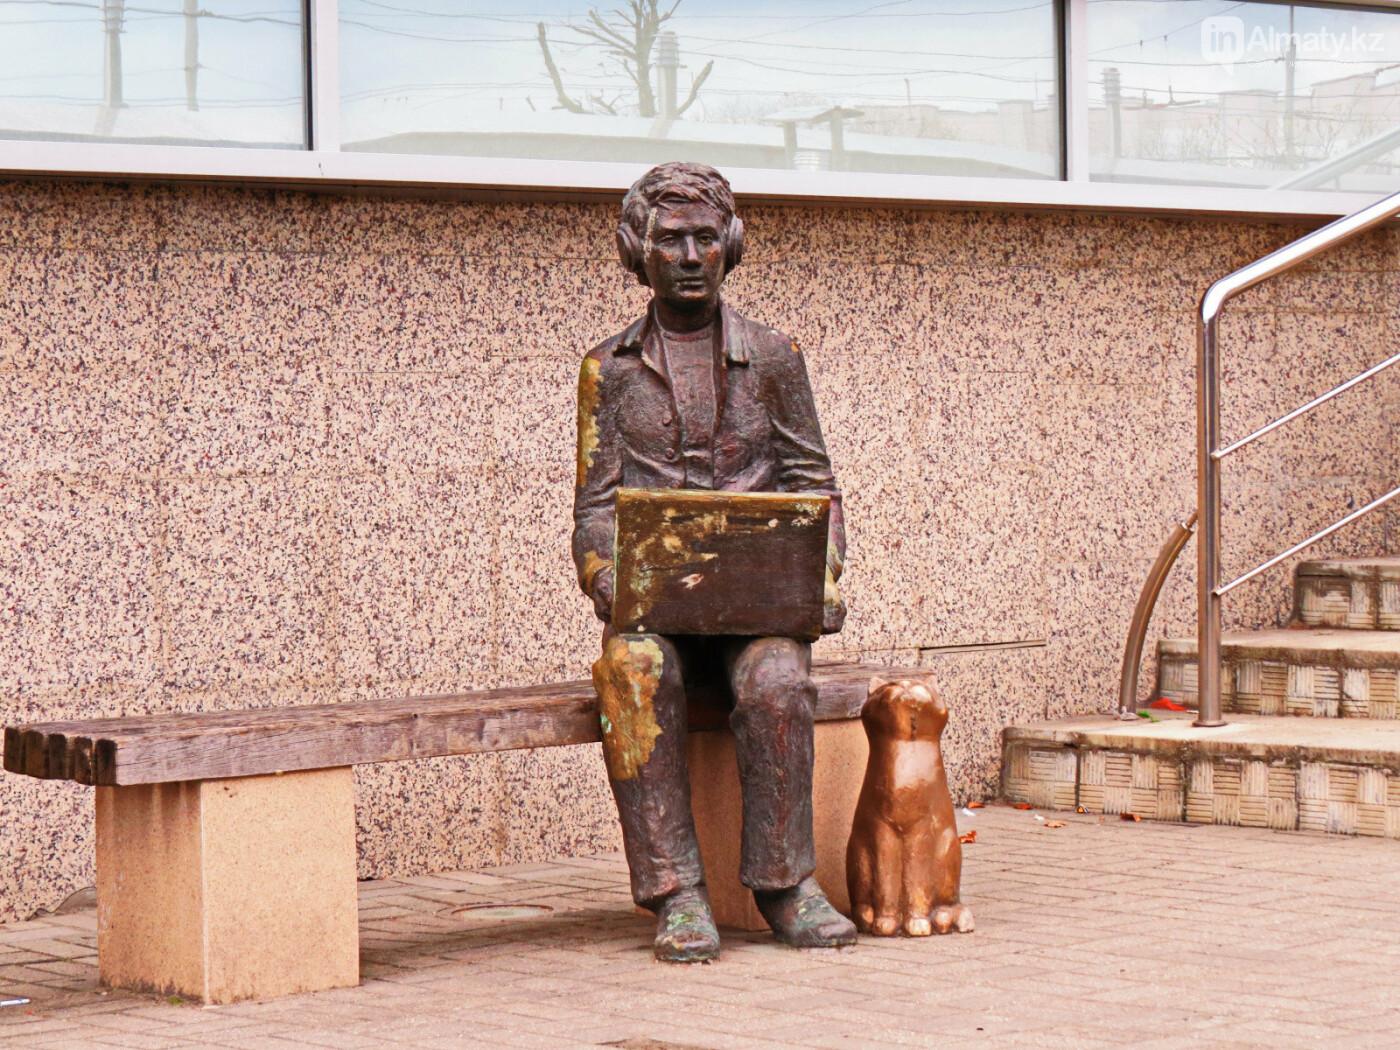 У скульптуры человека с ноутбуком на ул. Утеген батыра украли гаджет, фото-6